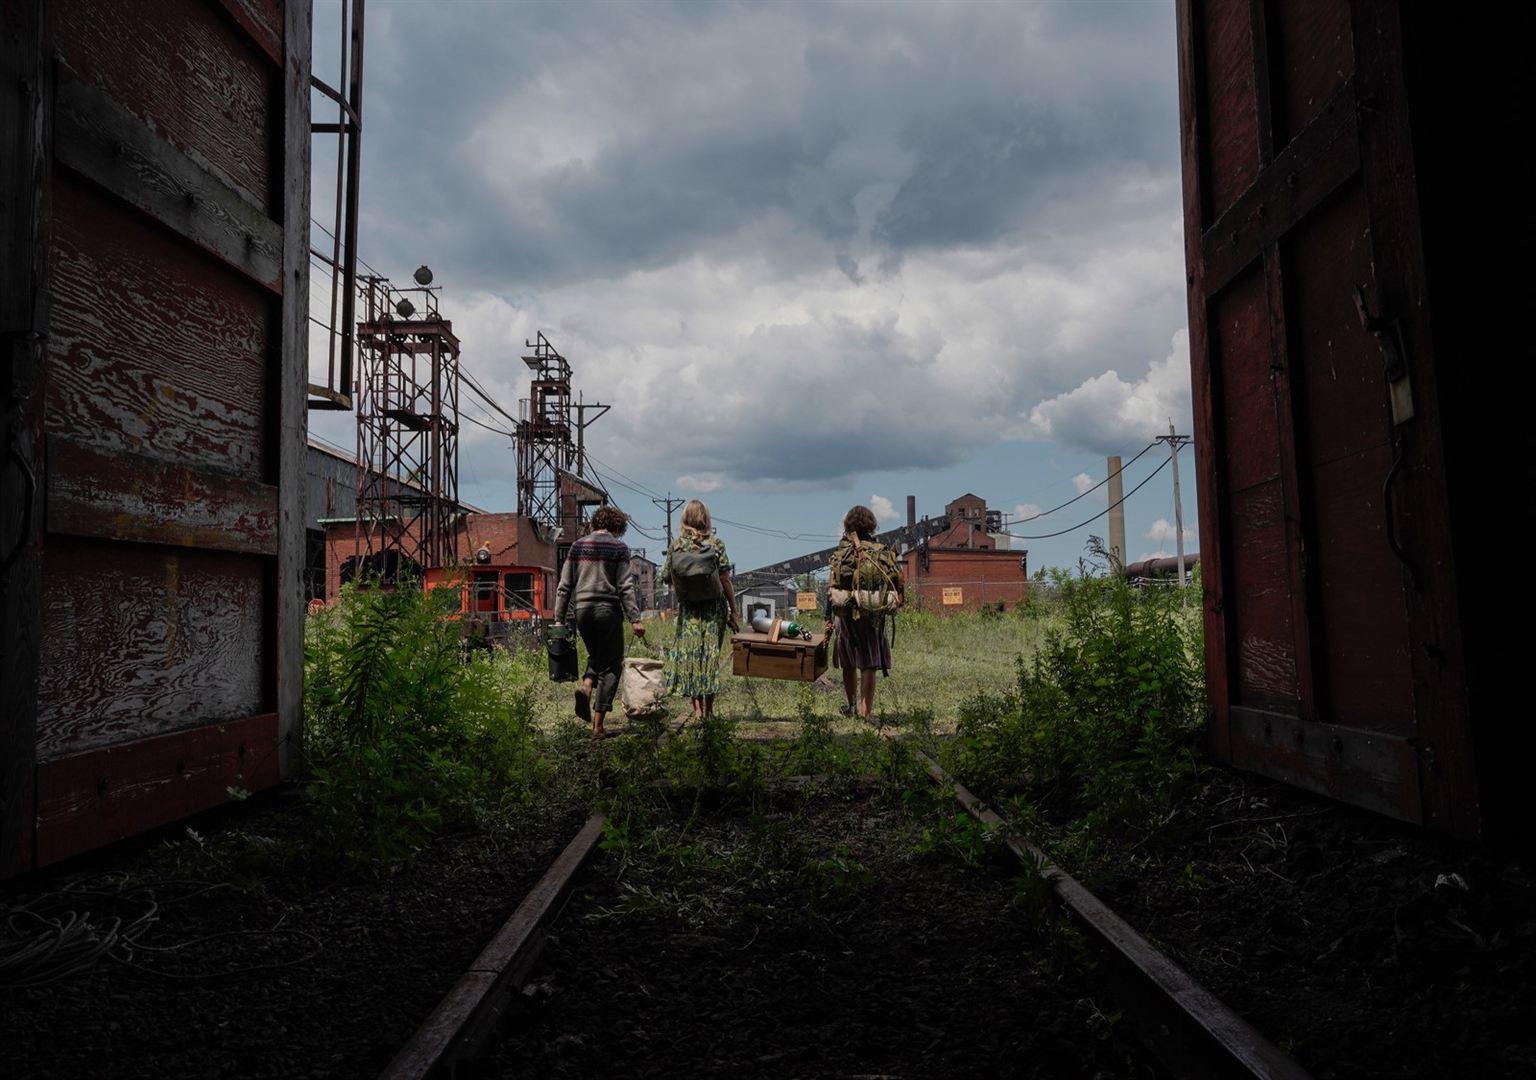 Un lugar tranquilo 2, dirigida por John Krasinski.